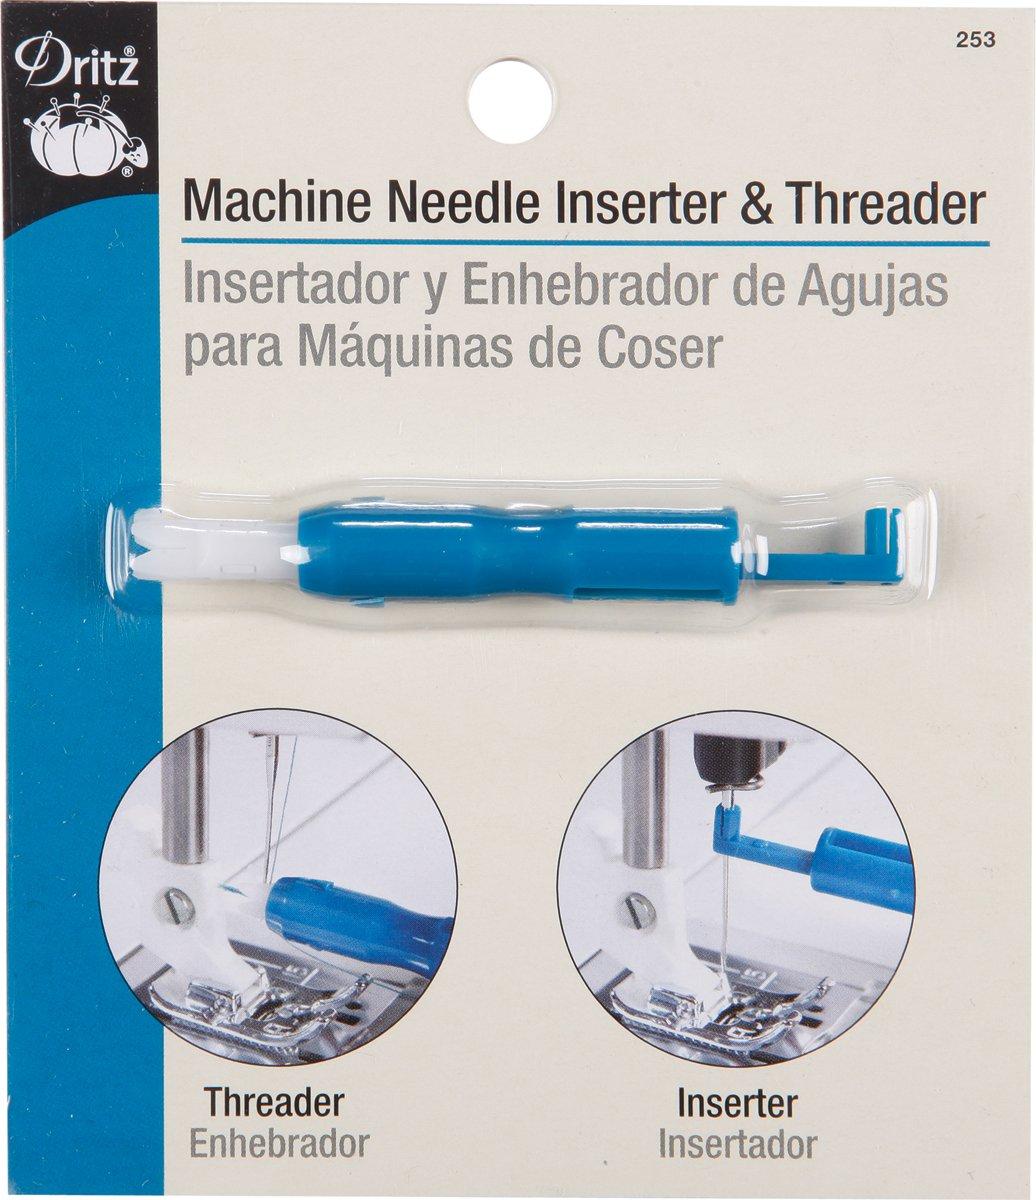 Dritz 253 Machine Needle Inserter & Threader